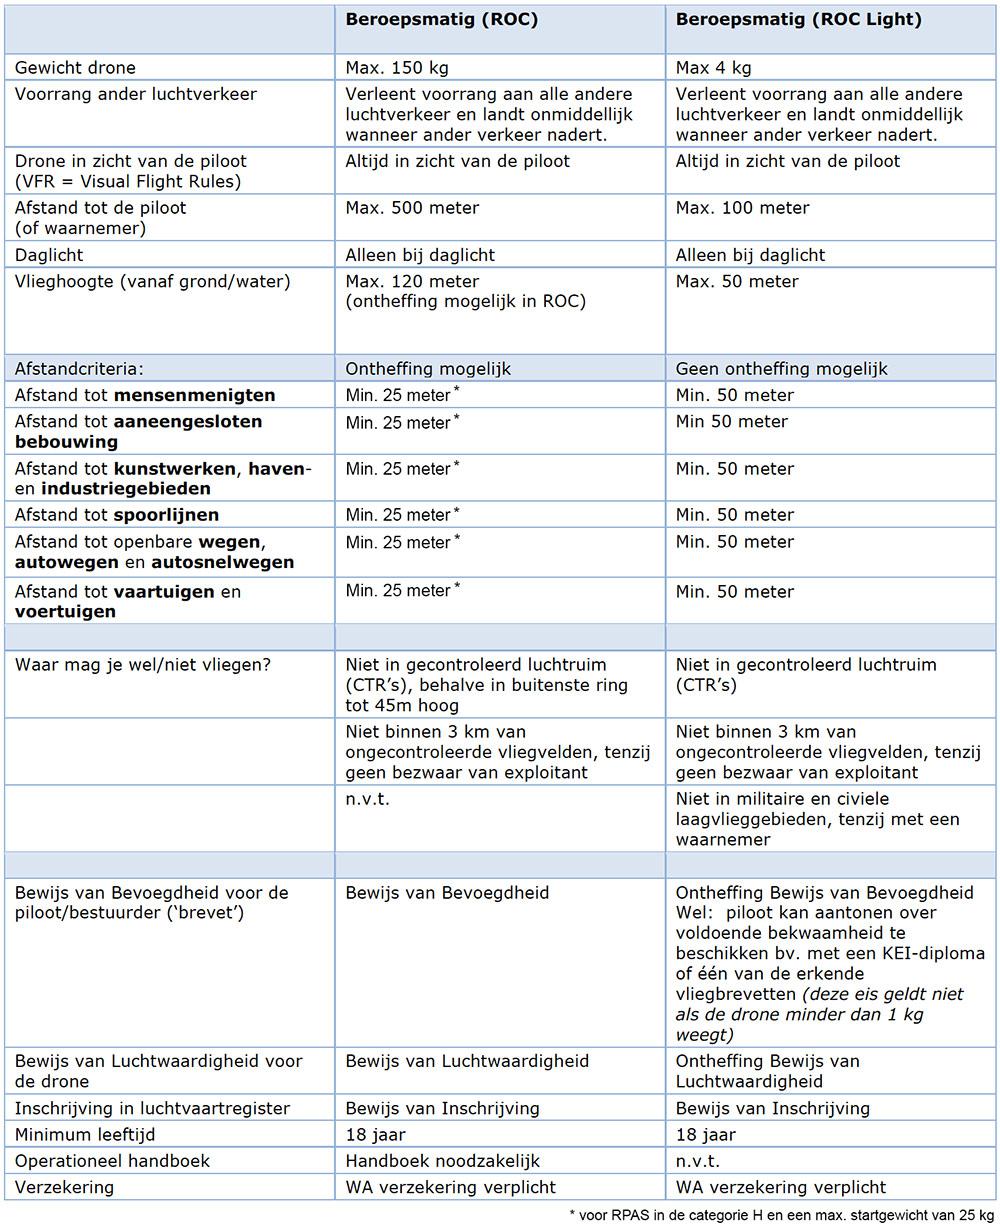 Tabel met verschillen tussen ROC en ROC-light